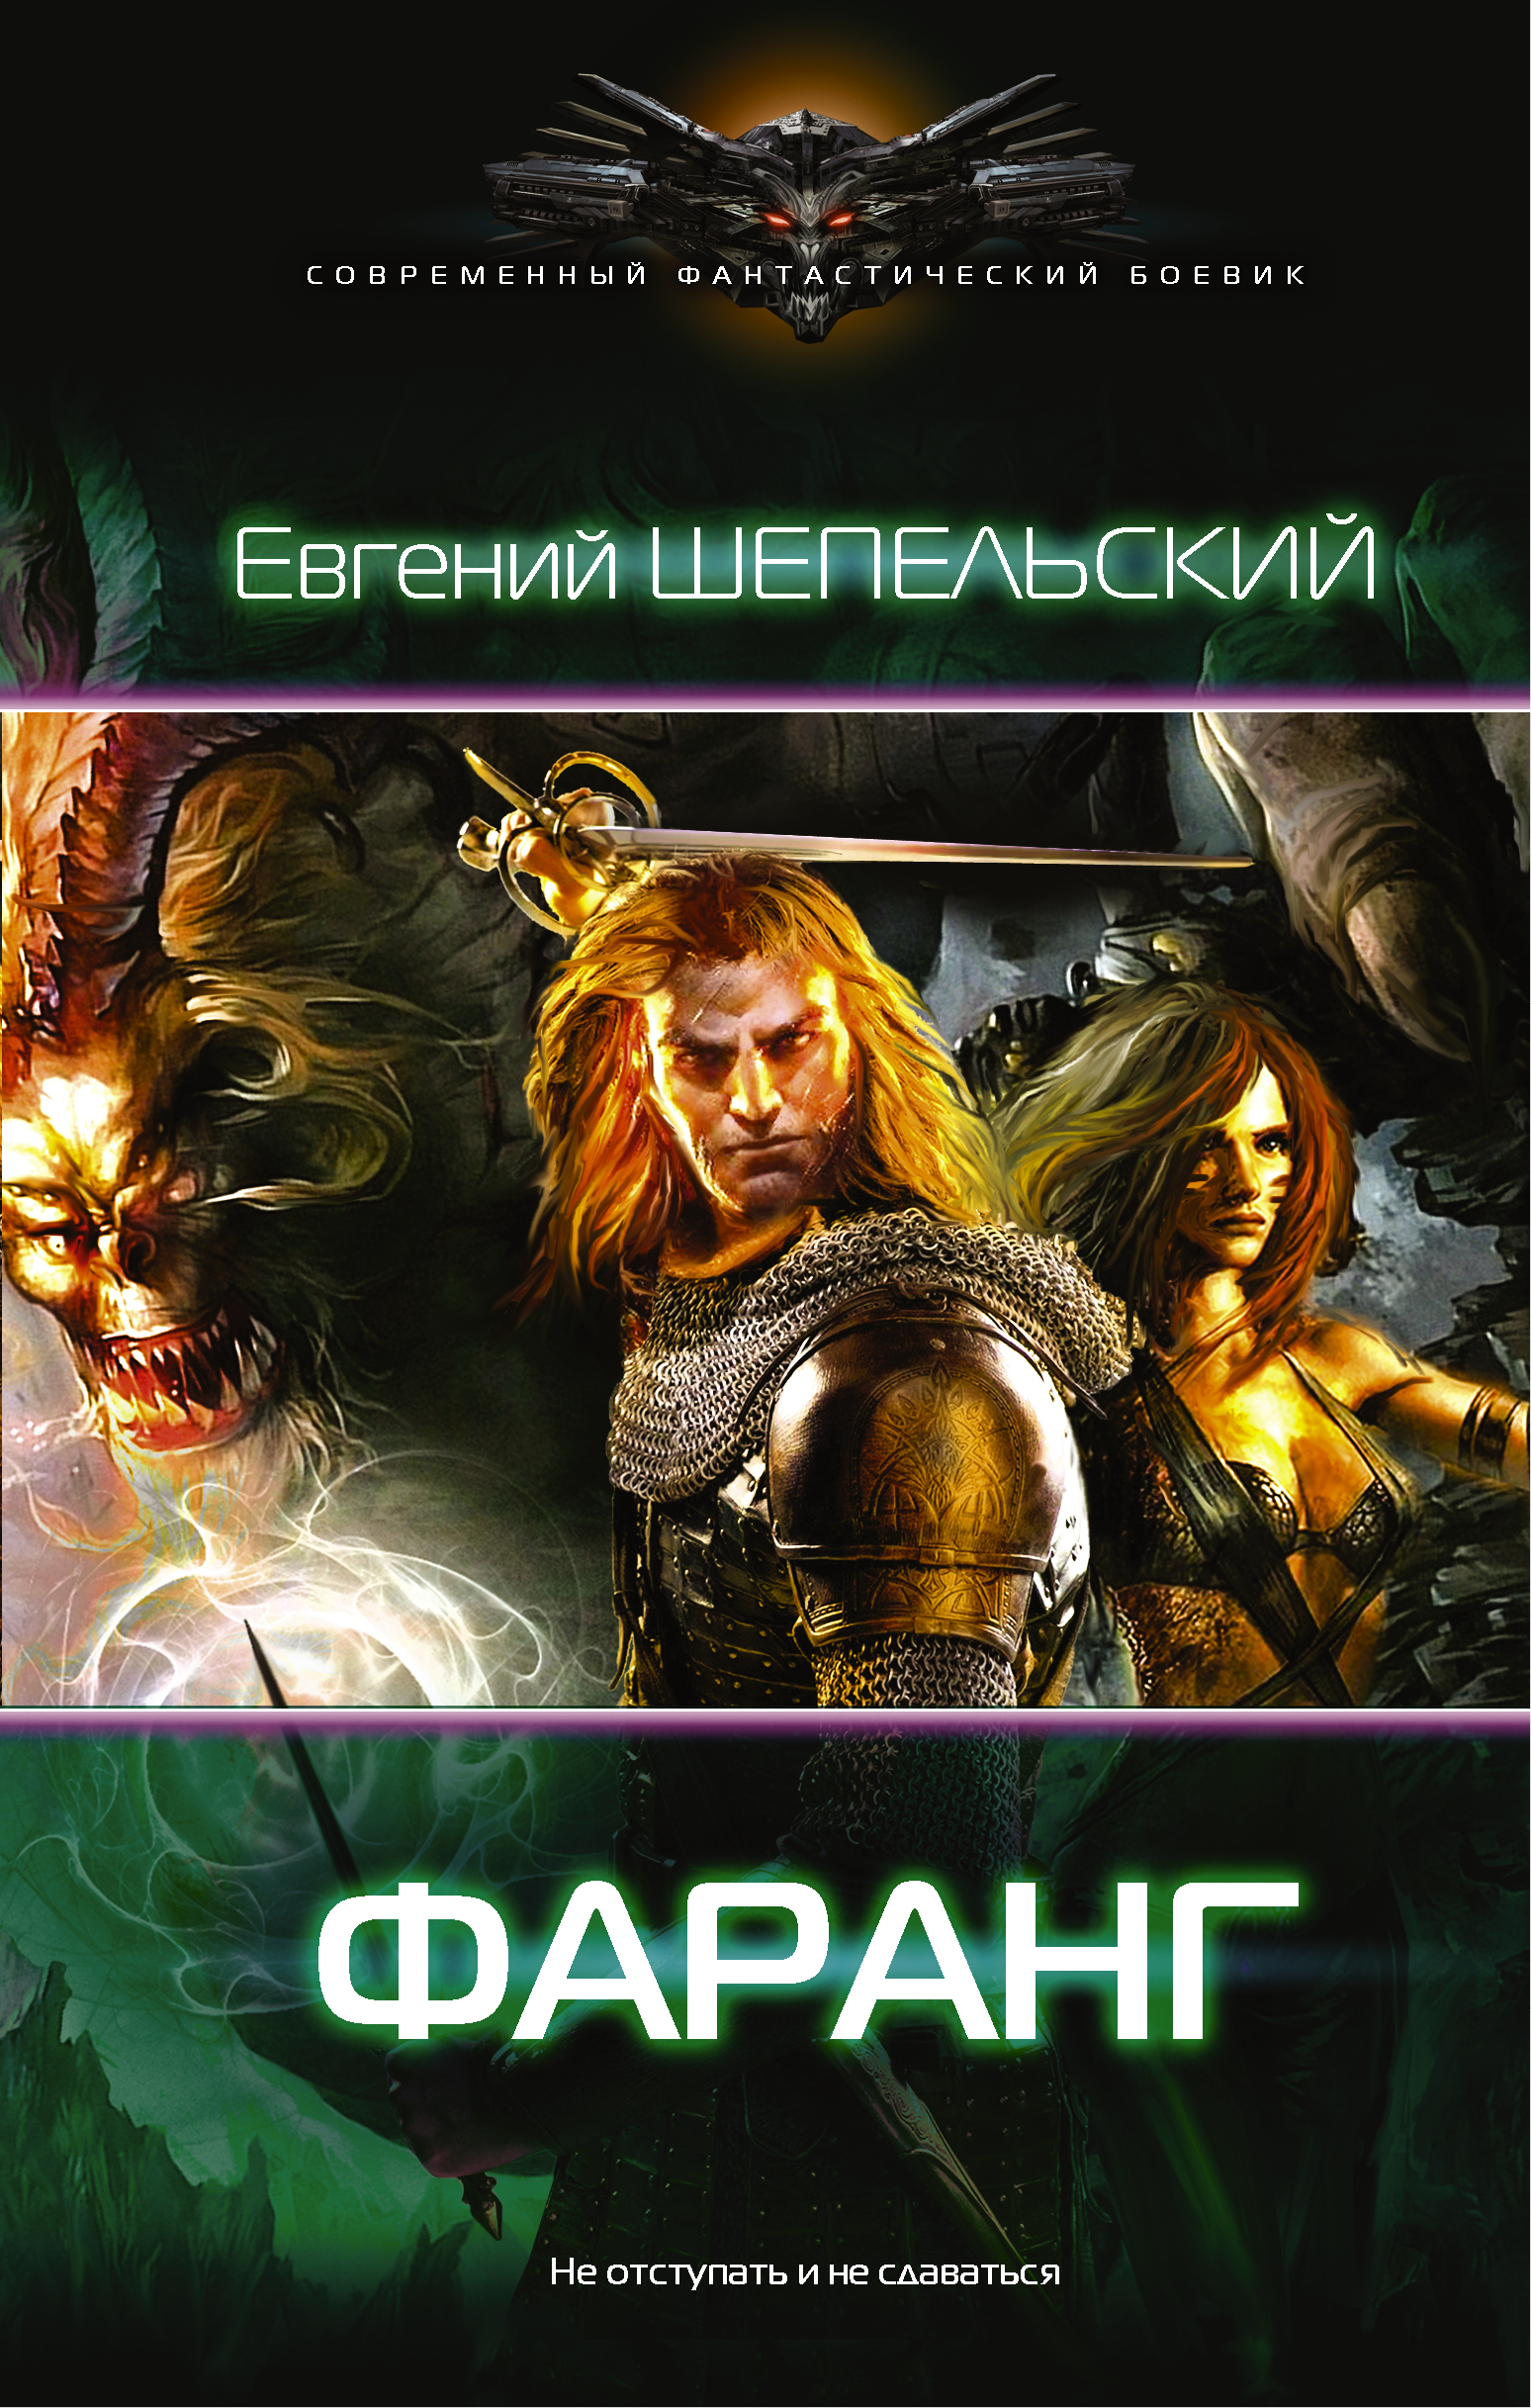 Евгений шепельский скачать все книги